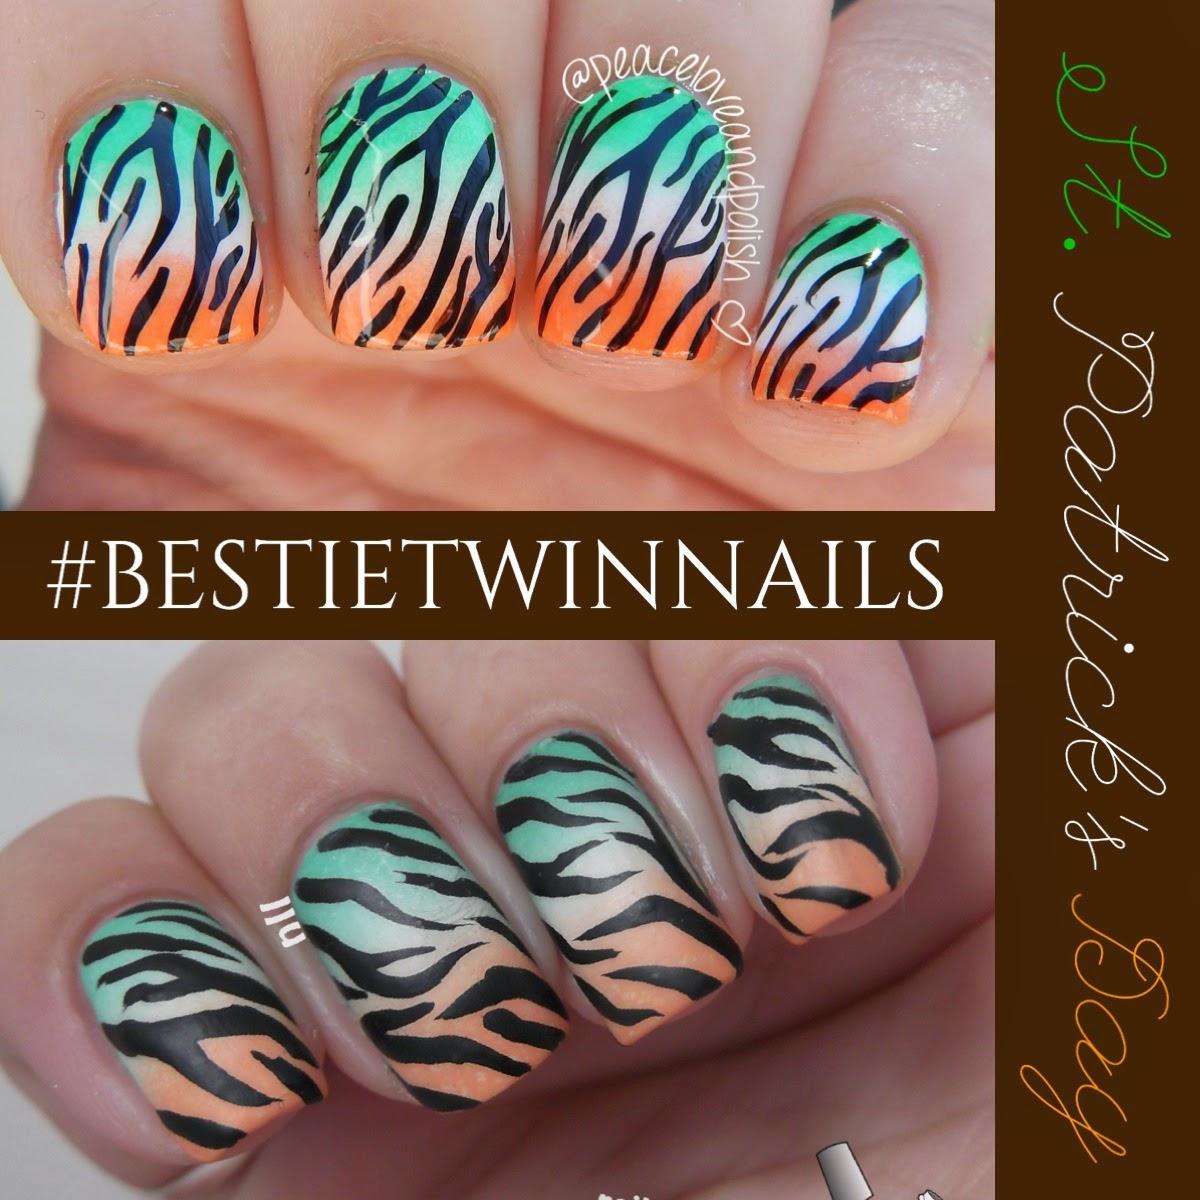 NailsLikeLace: Irish Flag Inspired Zebra Print - Bestie Twin Nails ...